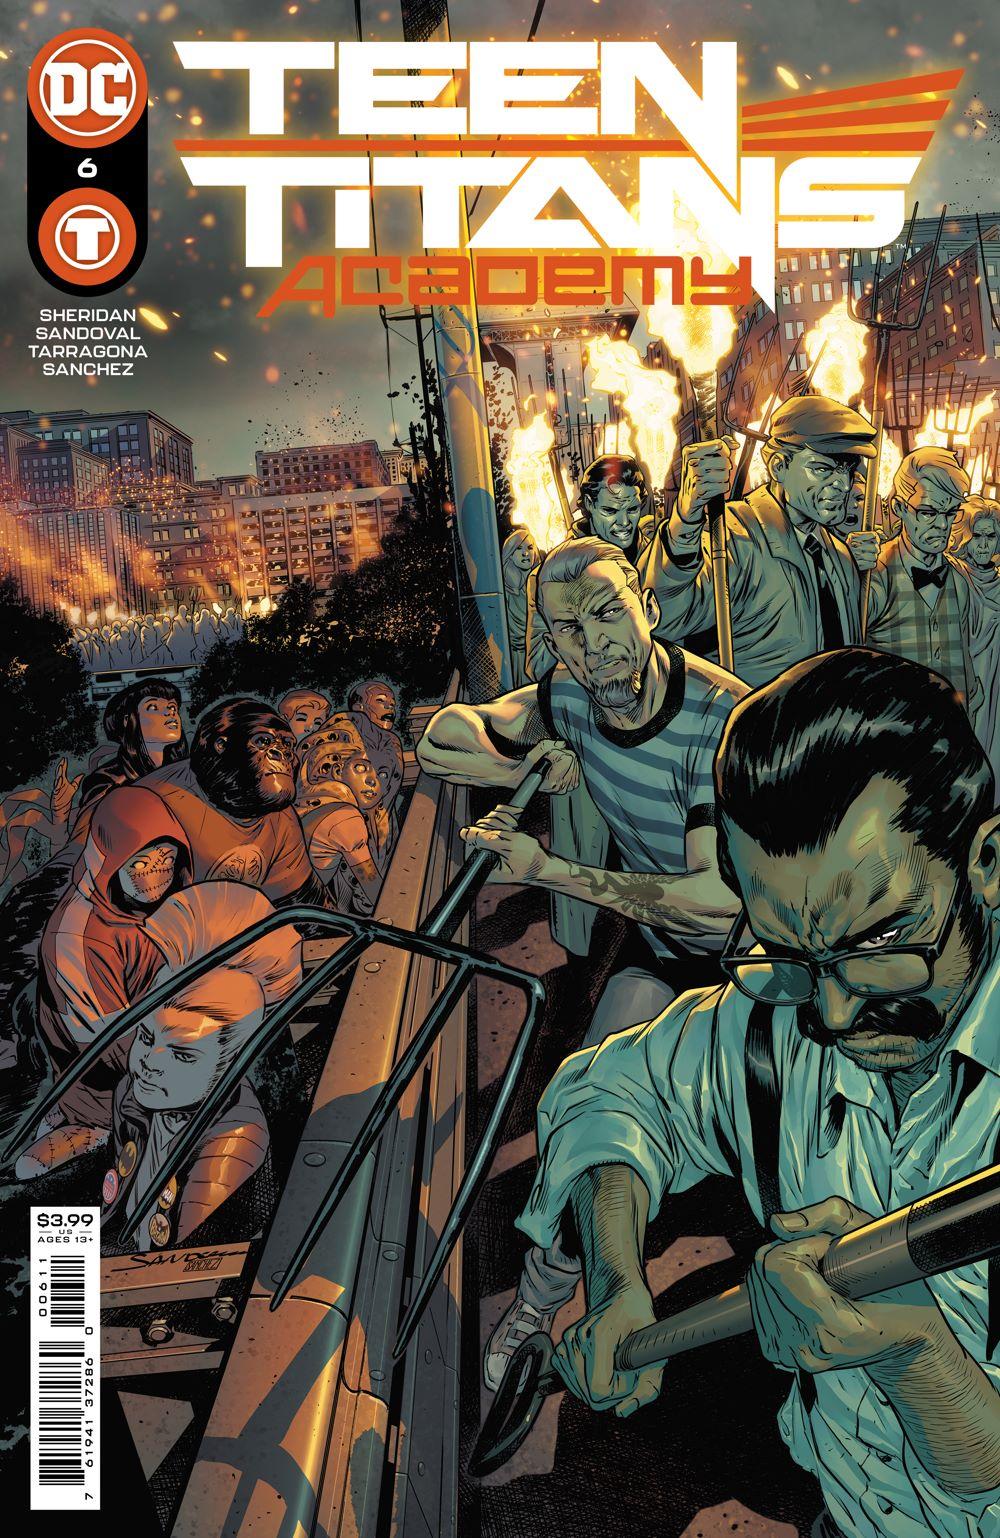 TT_ACADEMY_Cv6 DC Comics August 2021 Solicitations